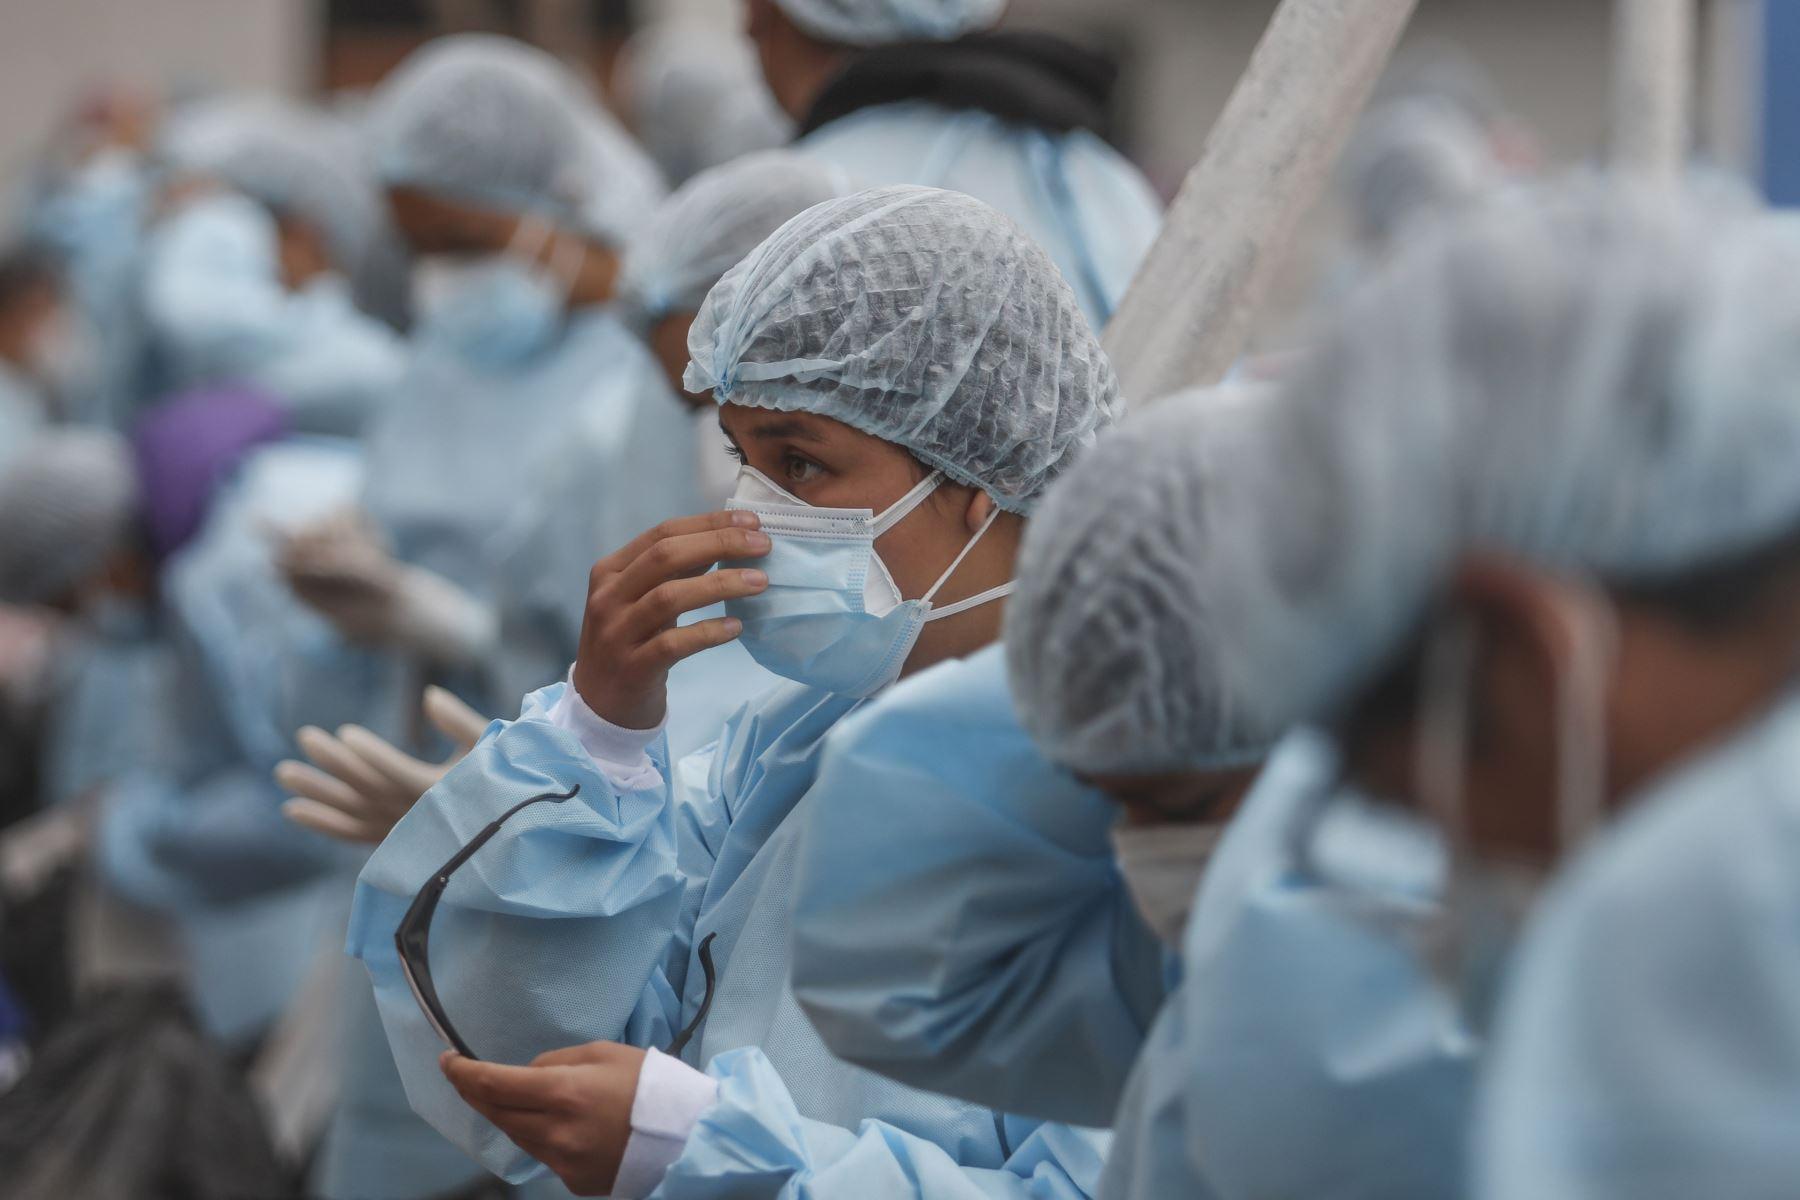 Las brigadas de salud se colocan sus implementos de bioseguridad en una losa deportiva del AA.HH. Pampa Los Olivares-Villa Leticia, en Cajamarquilla. Foto: ANDINA/Renato Pajuelo